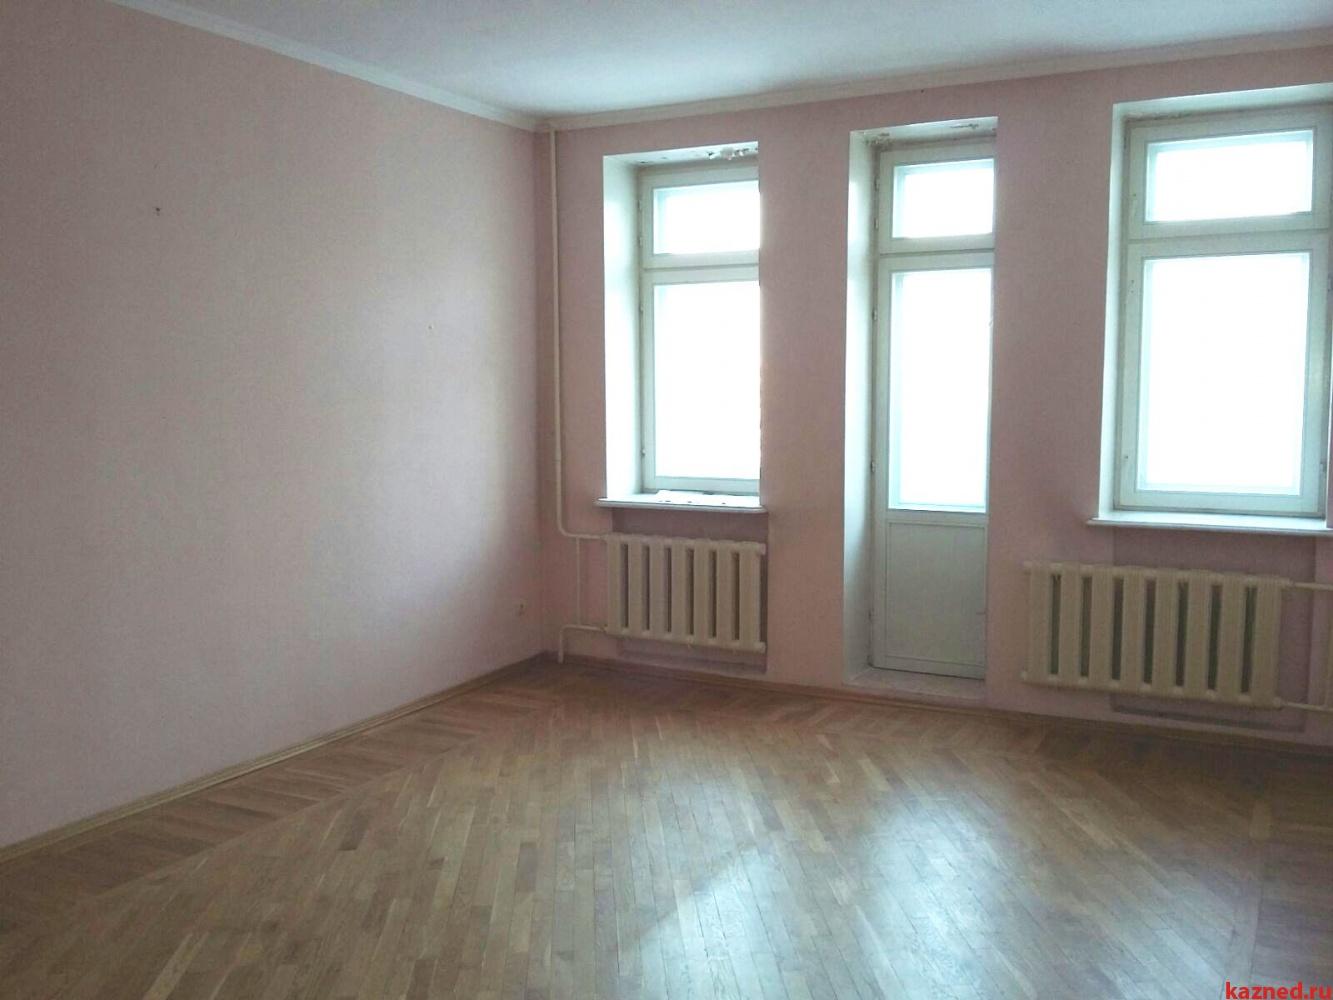 Продажа 4-к квартиры Толстого ул, 16А, 167 м2  (миниатюра №2)